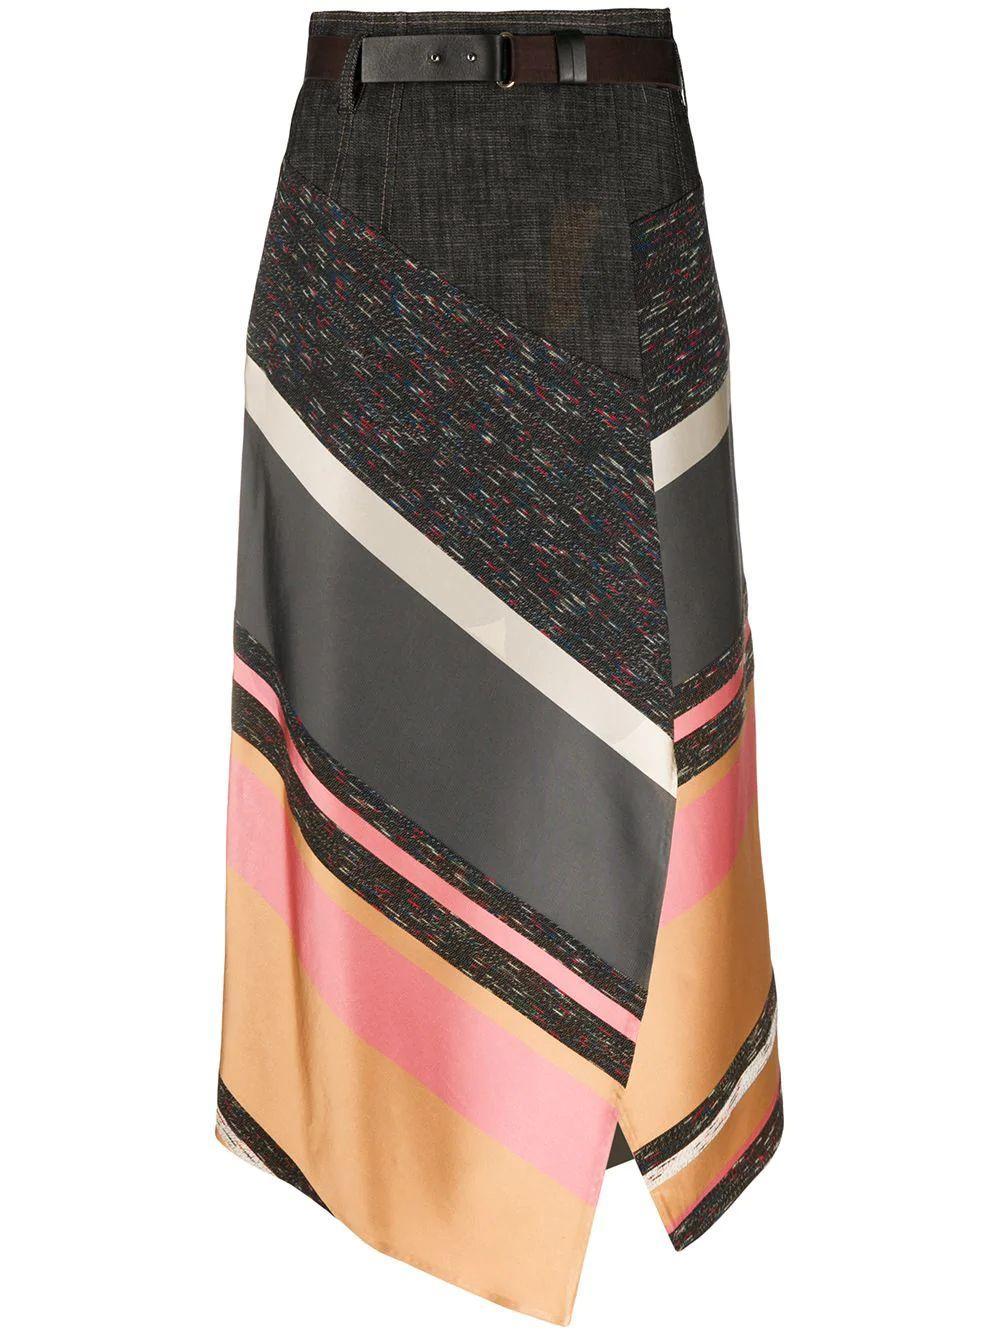 Energetic Lines Skirt Item # 742805